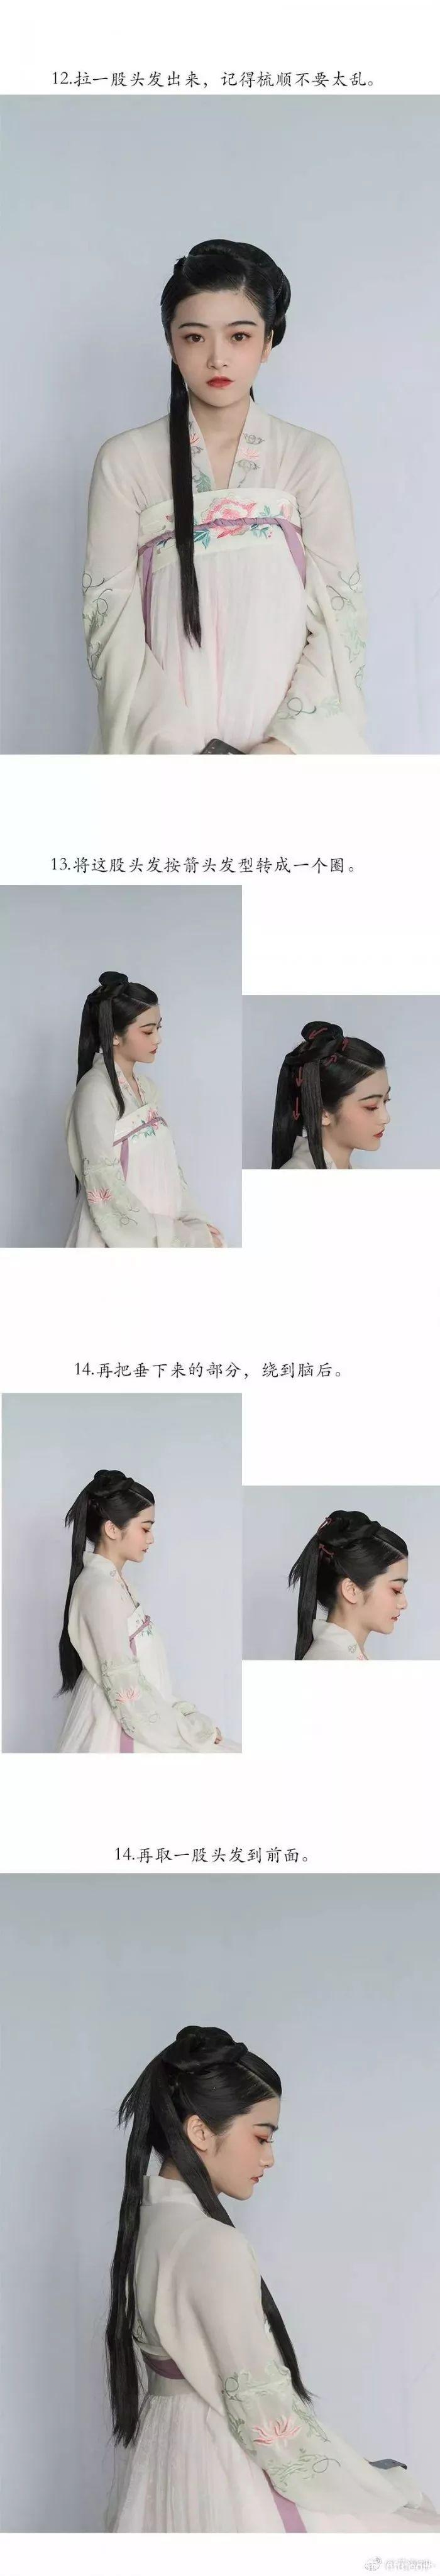 【汉服发型】汉服妹子巧手打造精致盘发 有发包